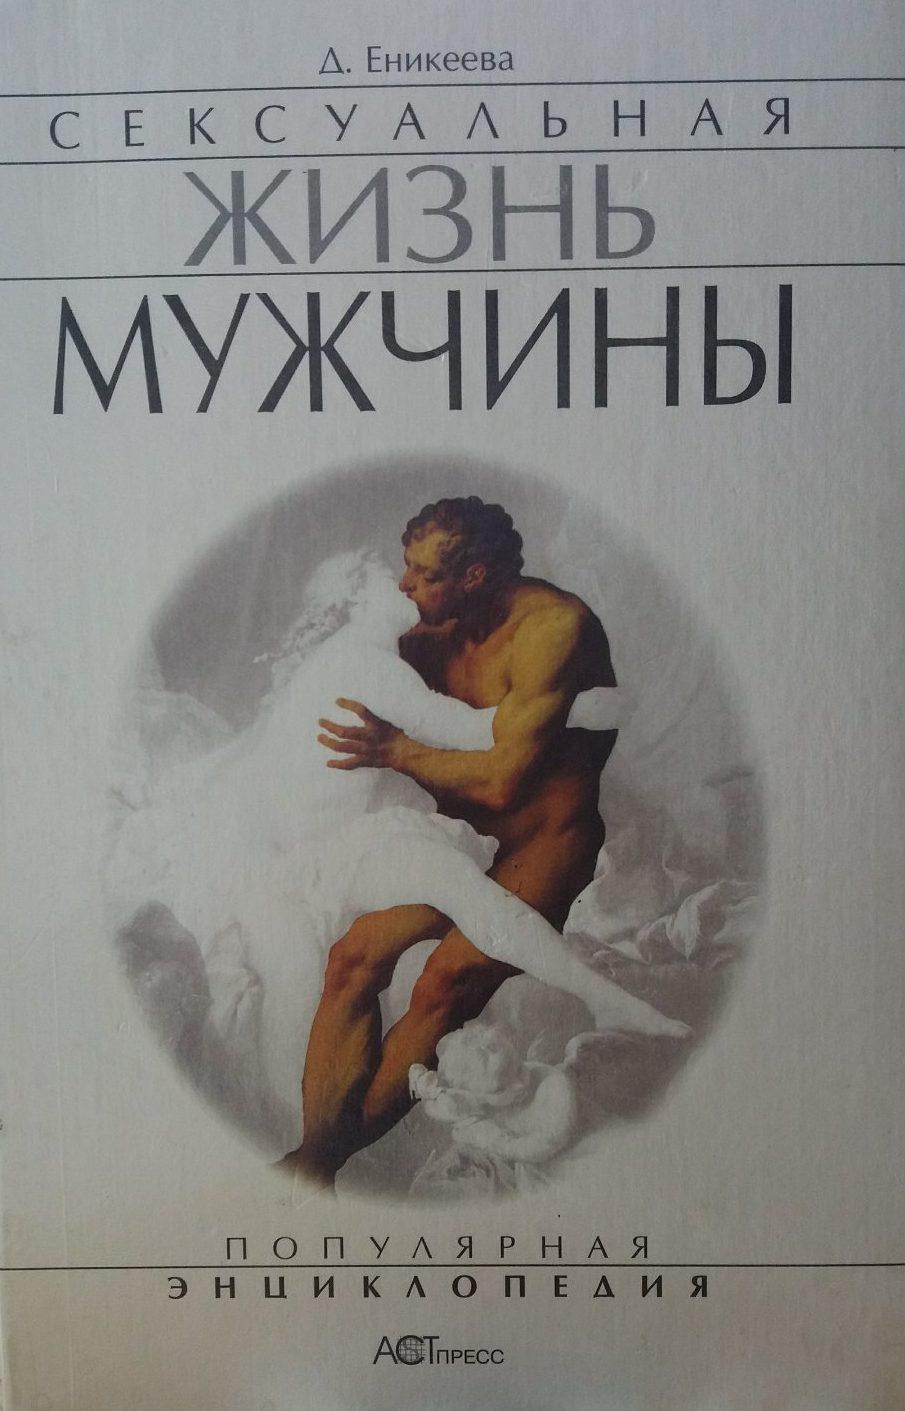 3.21. о половом альтруизме. брак под микроскопом. физиология половой жизни человека